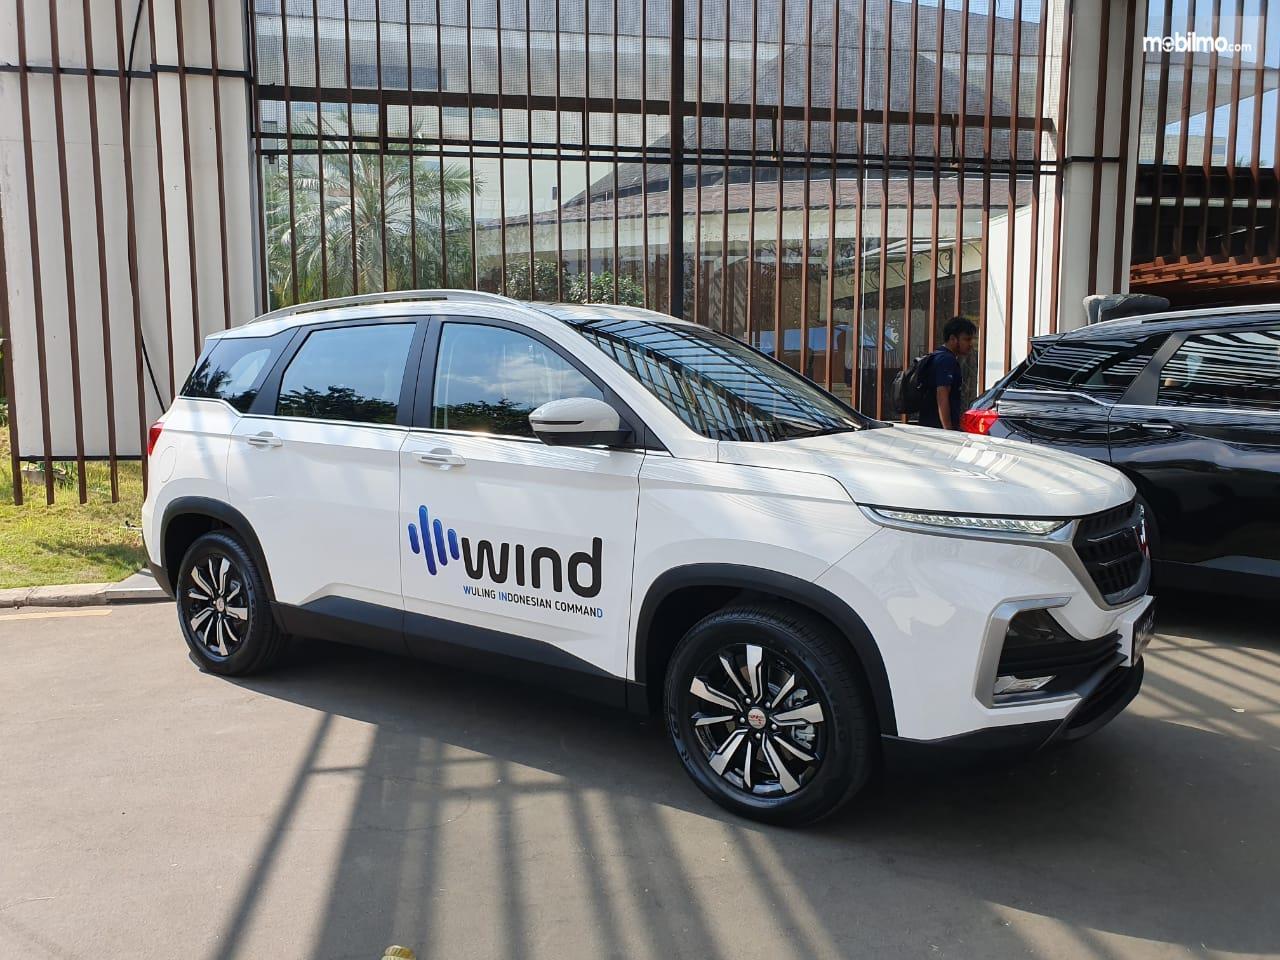 Foto menunjukkan Wuling Almaz 7 seater yang sudah dilengkapi fitur WIND